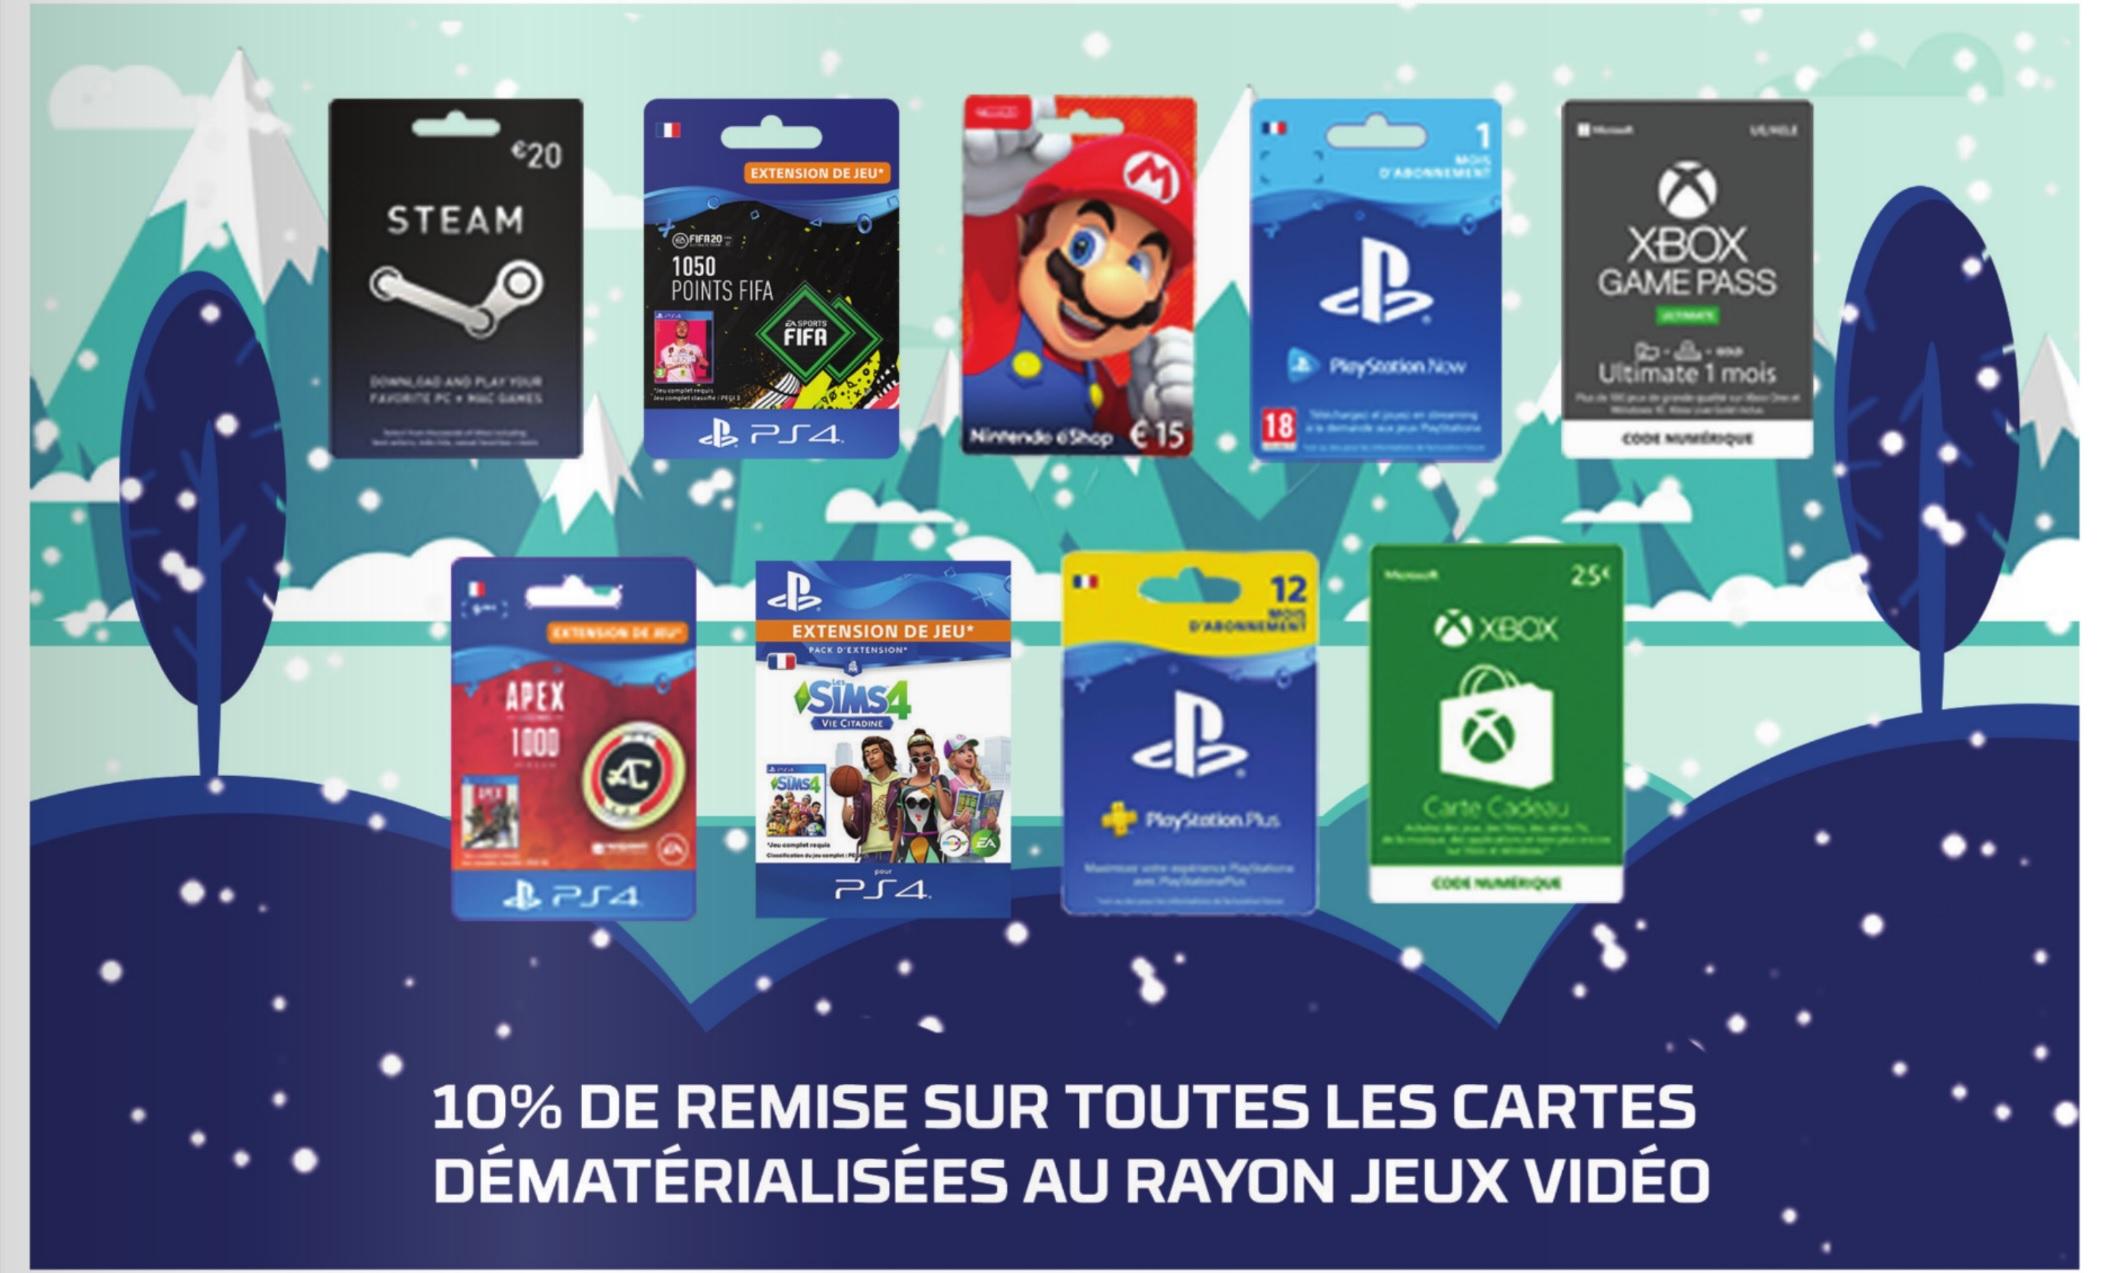 10% de remise immédiate sur les cartes dématérialisées au rayon jeux vidéo. EX : Xbox Live e-carte cadeau 25€